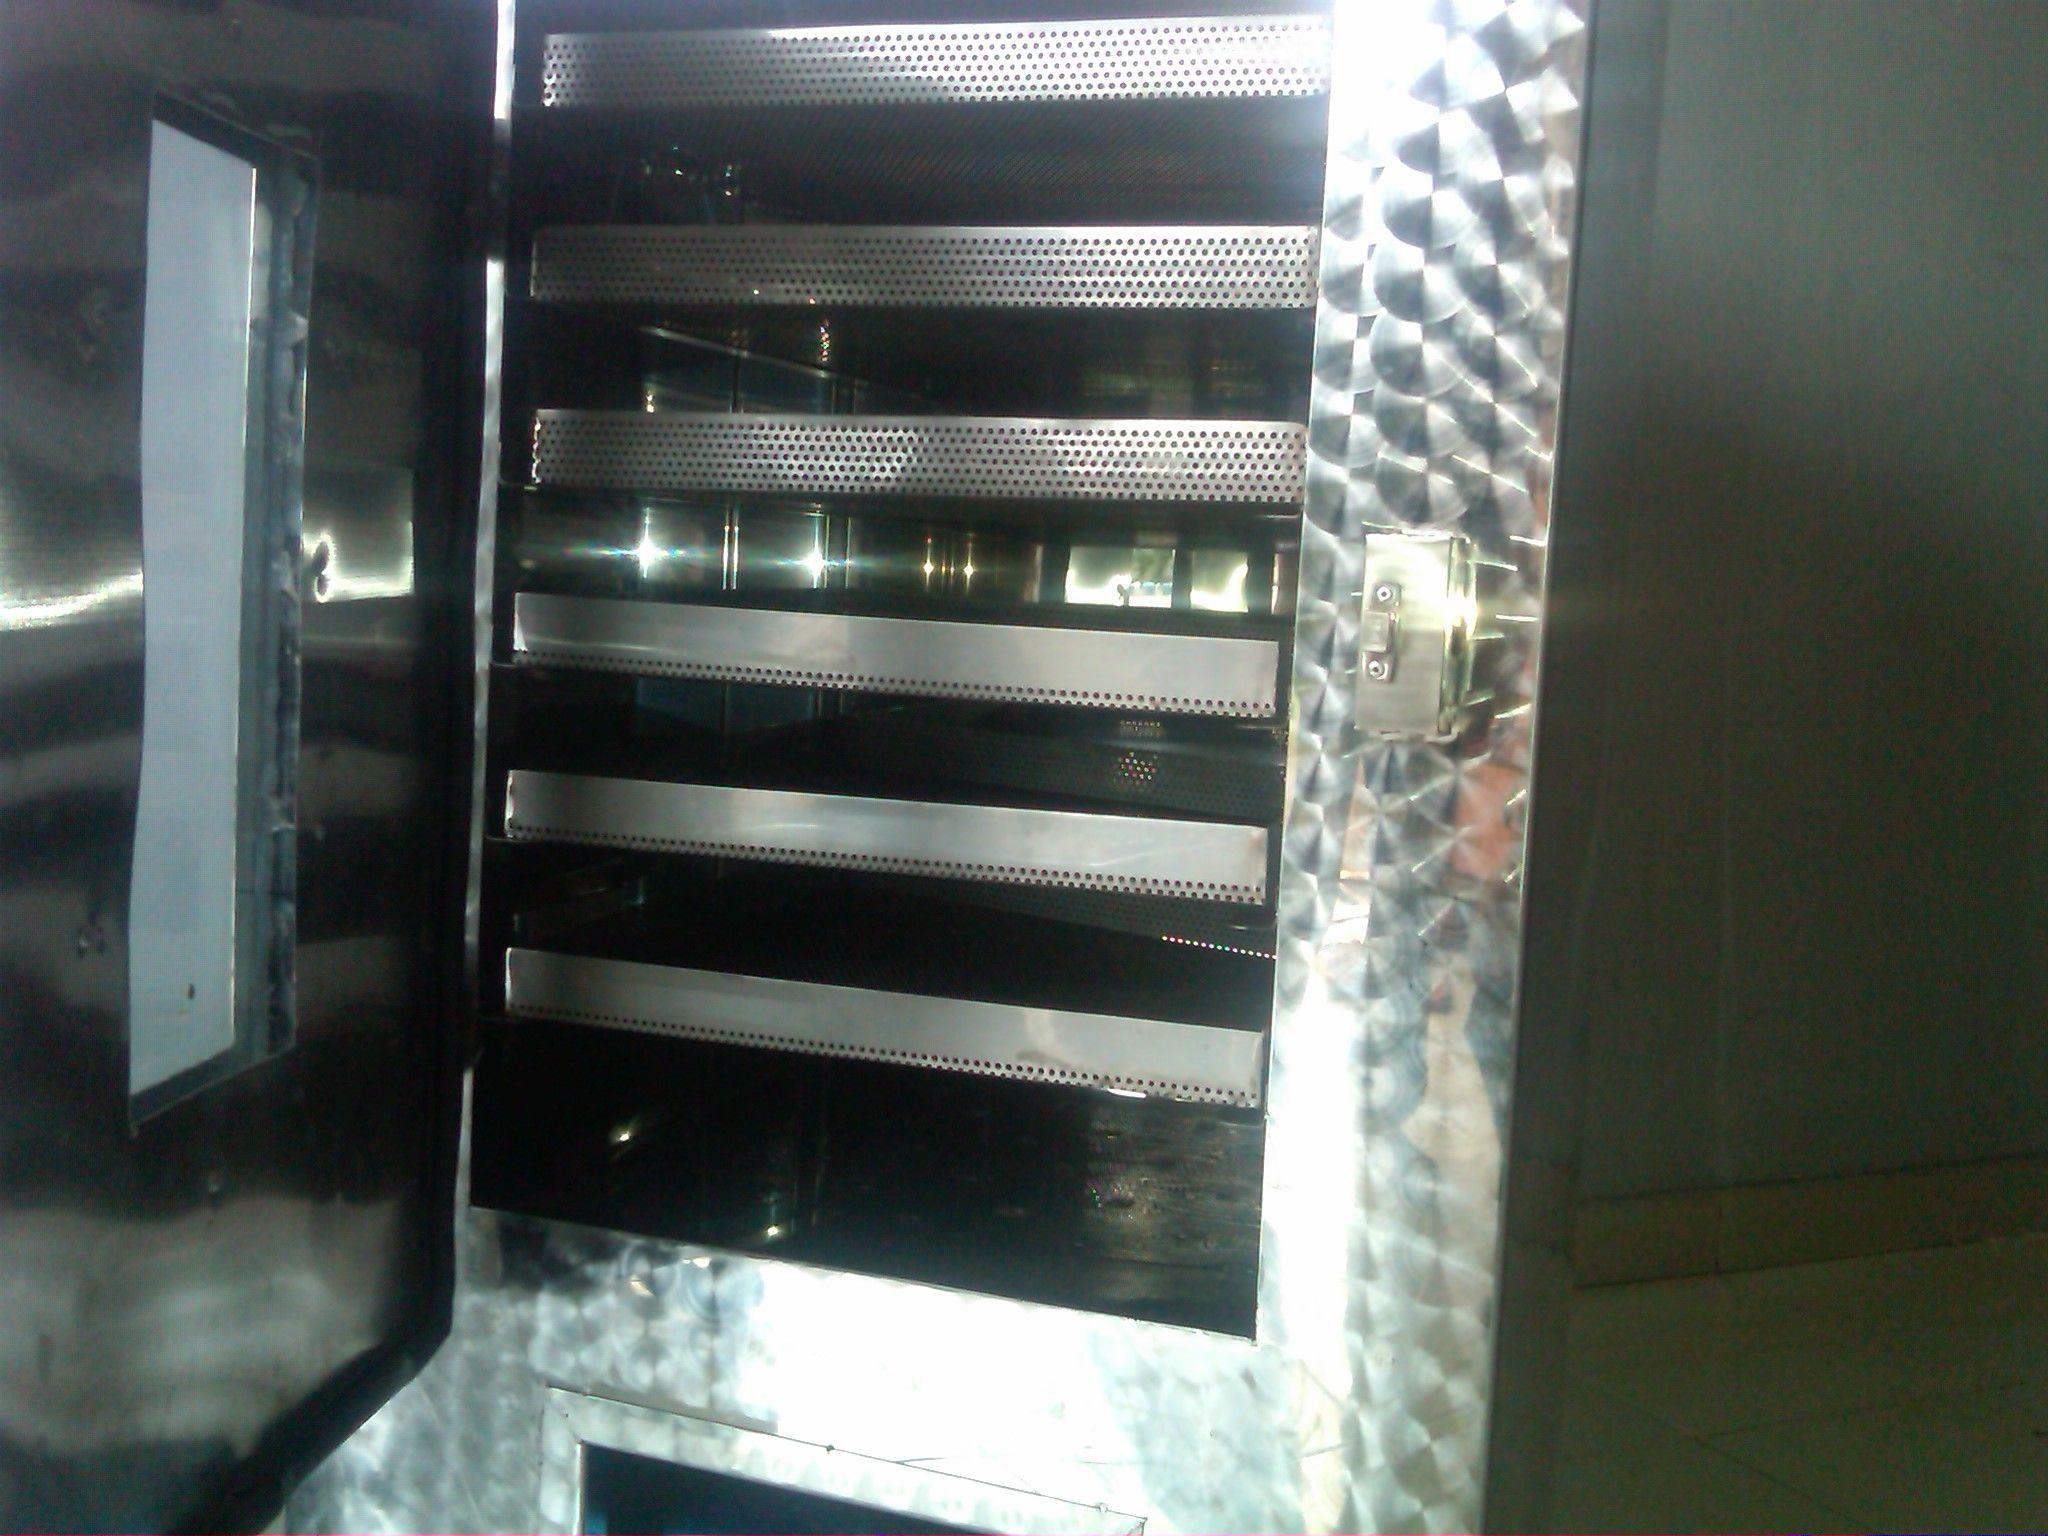 Mesin Oven Multifungsi Adalah Yang Digunakan Untuk Membuat Mixer Adonan Baglog Roti Dengan Kapasitas Menncapai 6 Rak